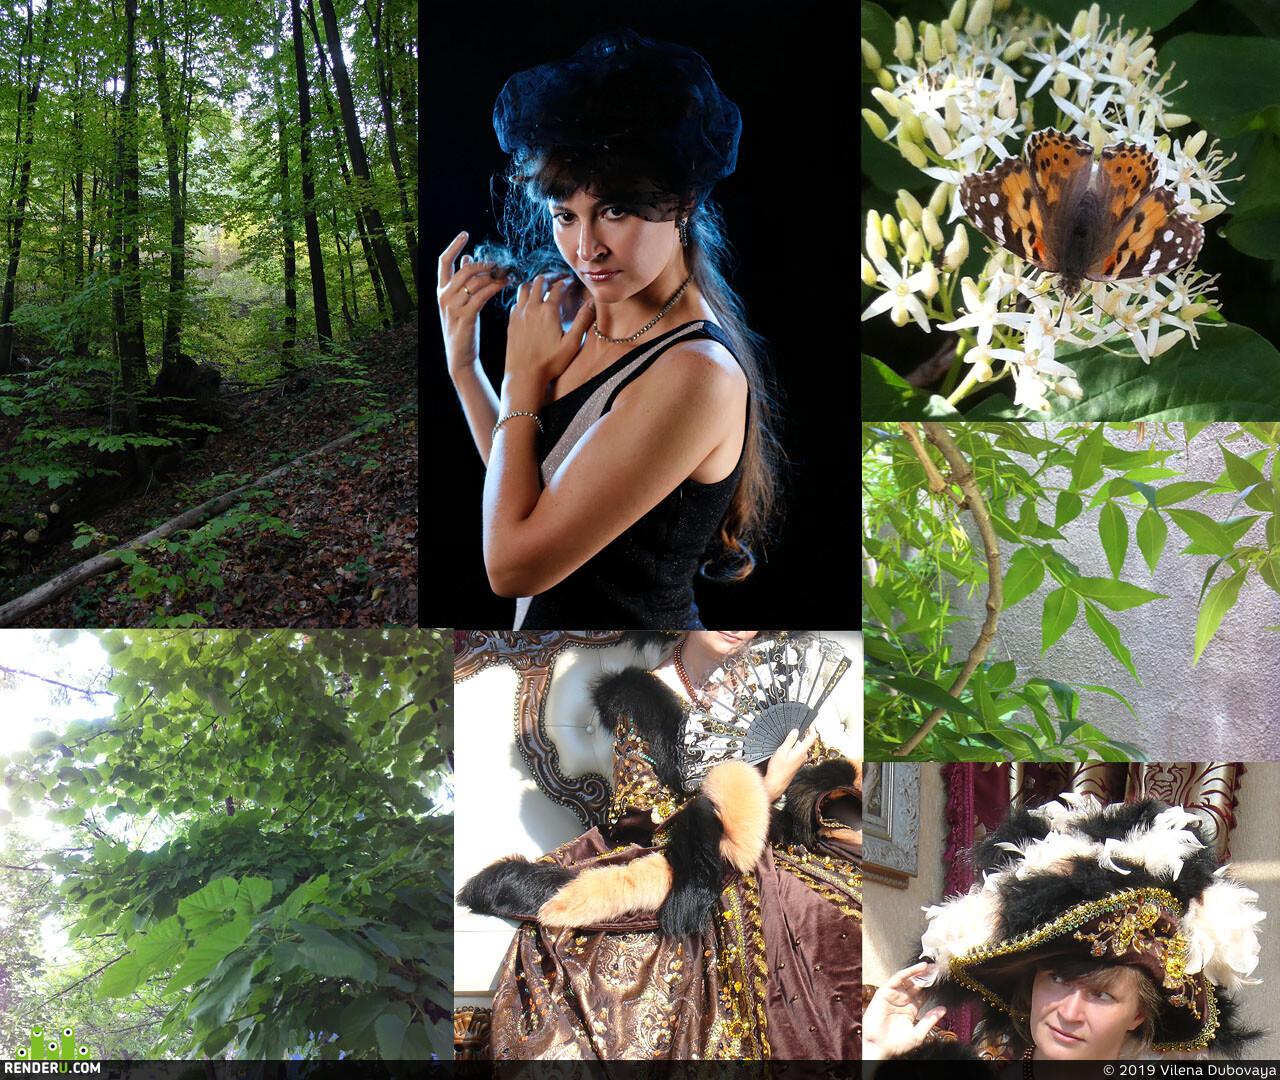 магия, колдунья, огонь, мотыльки, лес, ночь, эффекты, женскийперсонаж, портрет, фантазия